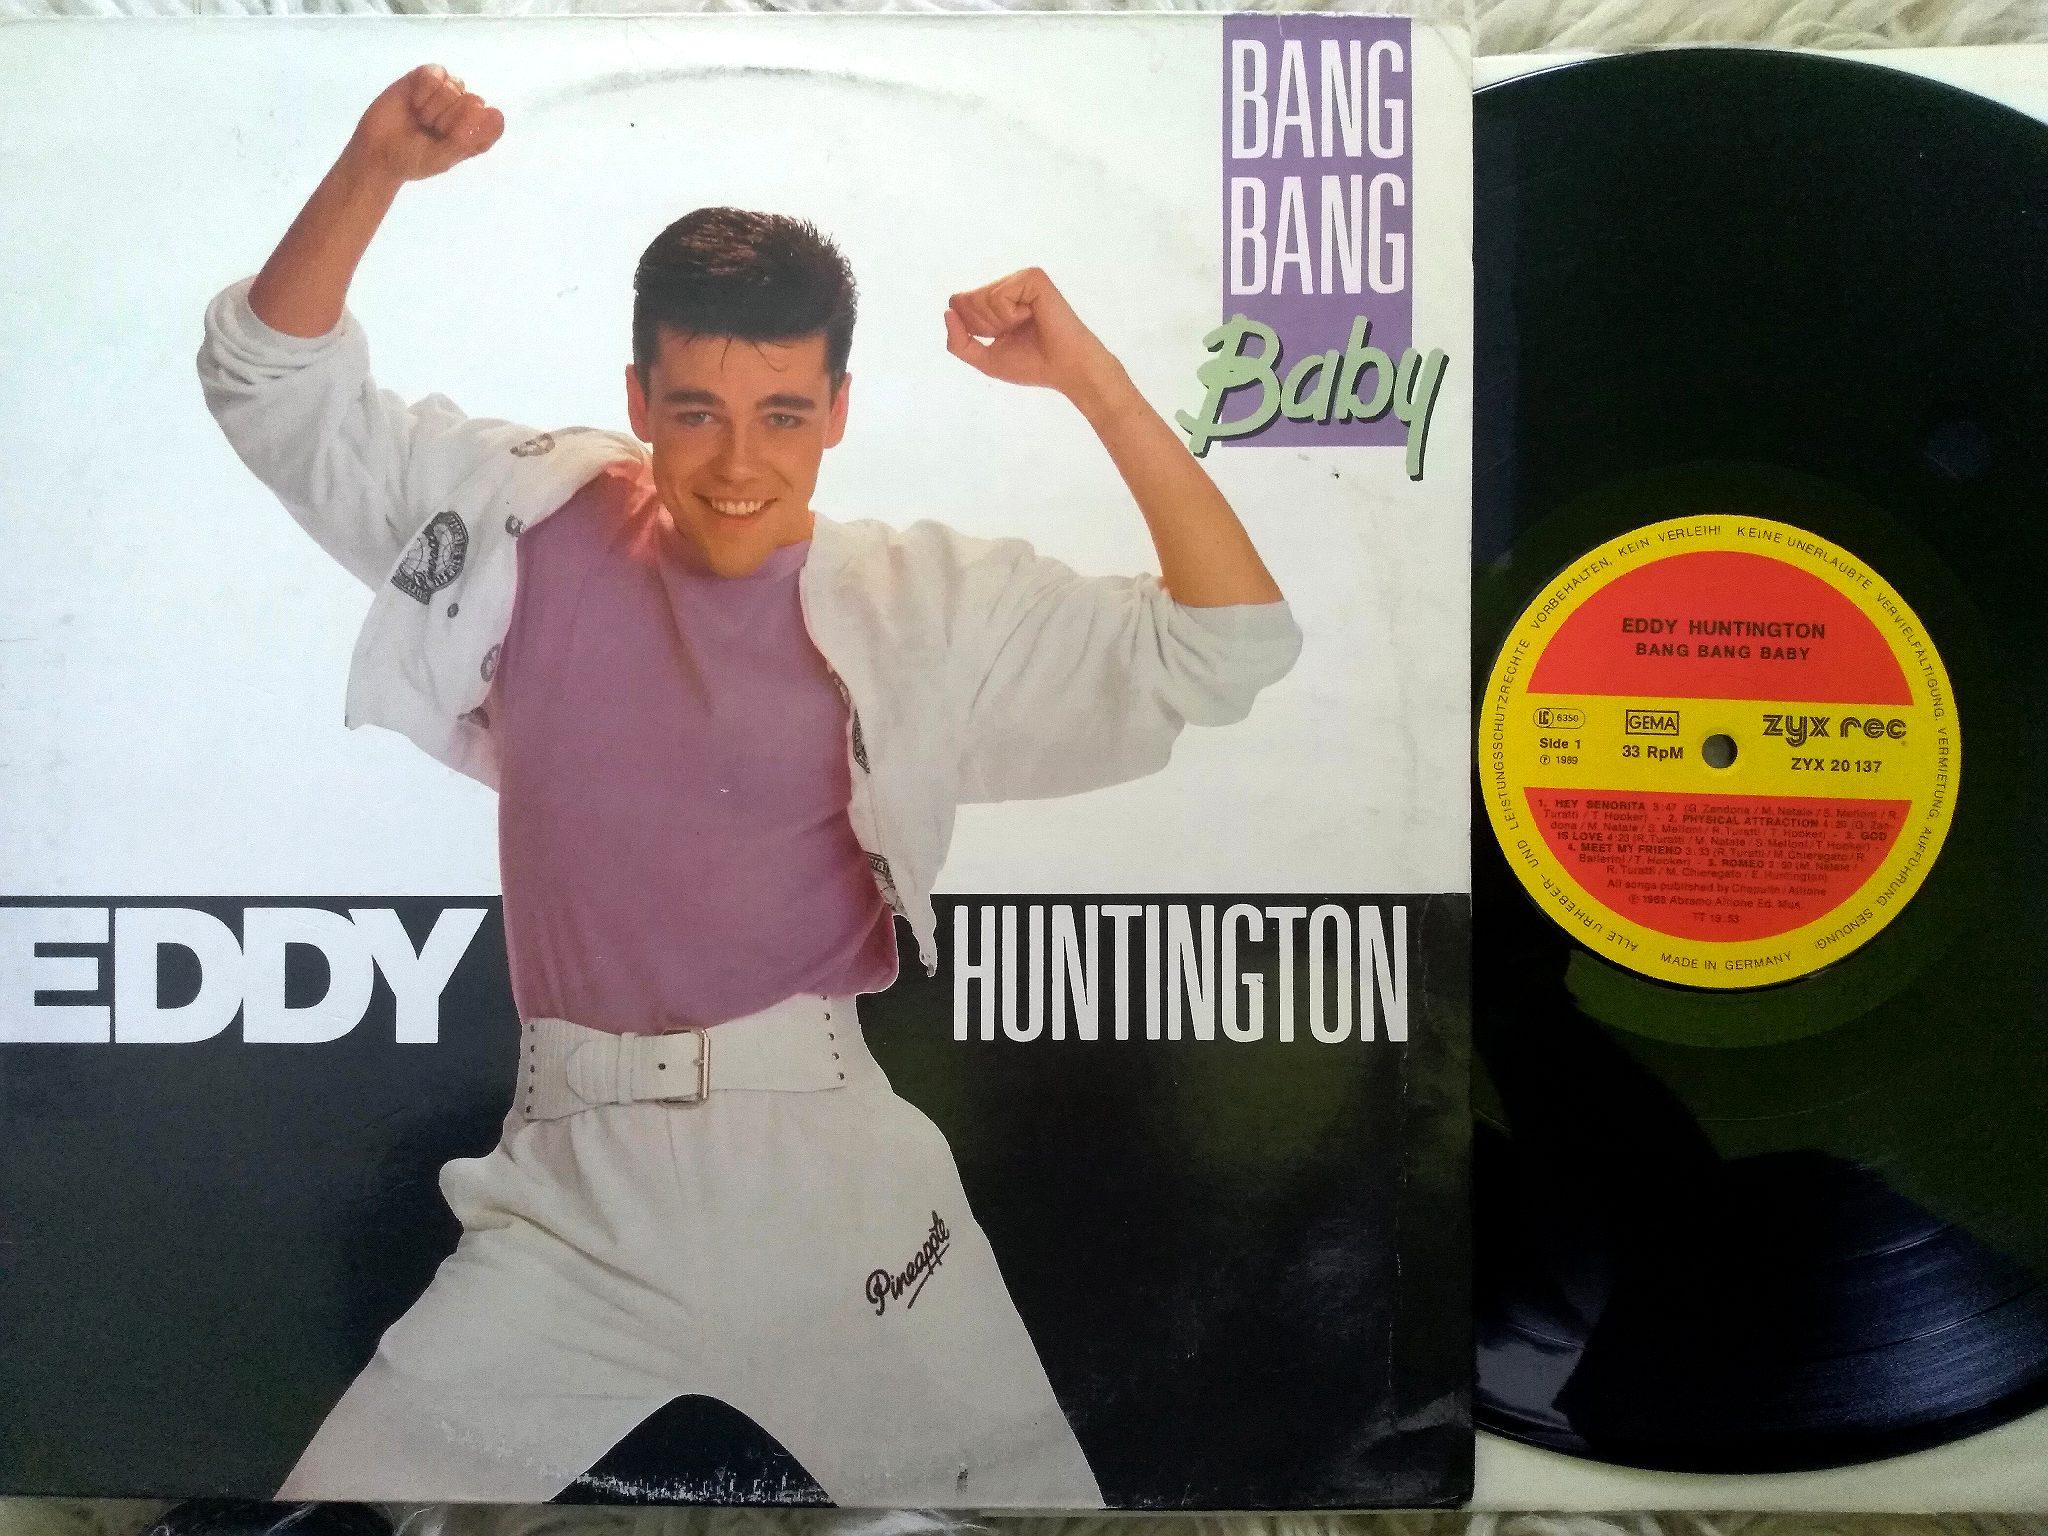 Eddy Hunitington - Bang Bang Baby LP